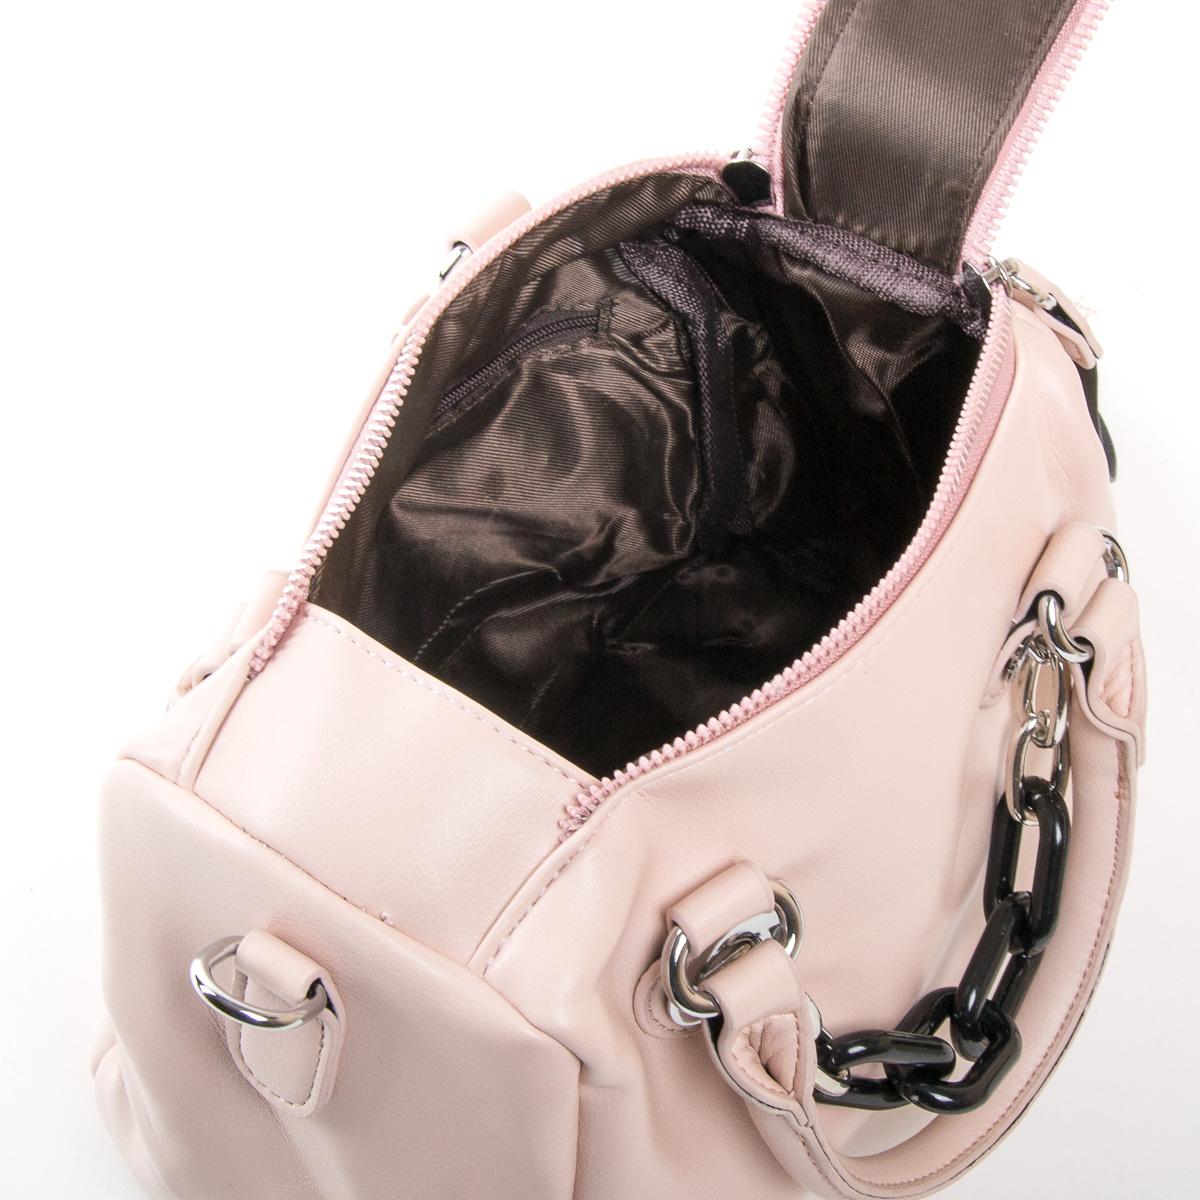 Сумка Женская Классическая иск-кожа FASHION 01-03 975 pink - фото 5